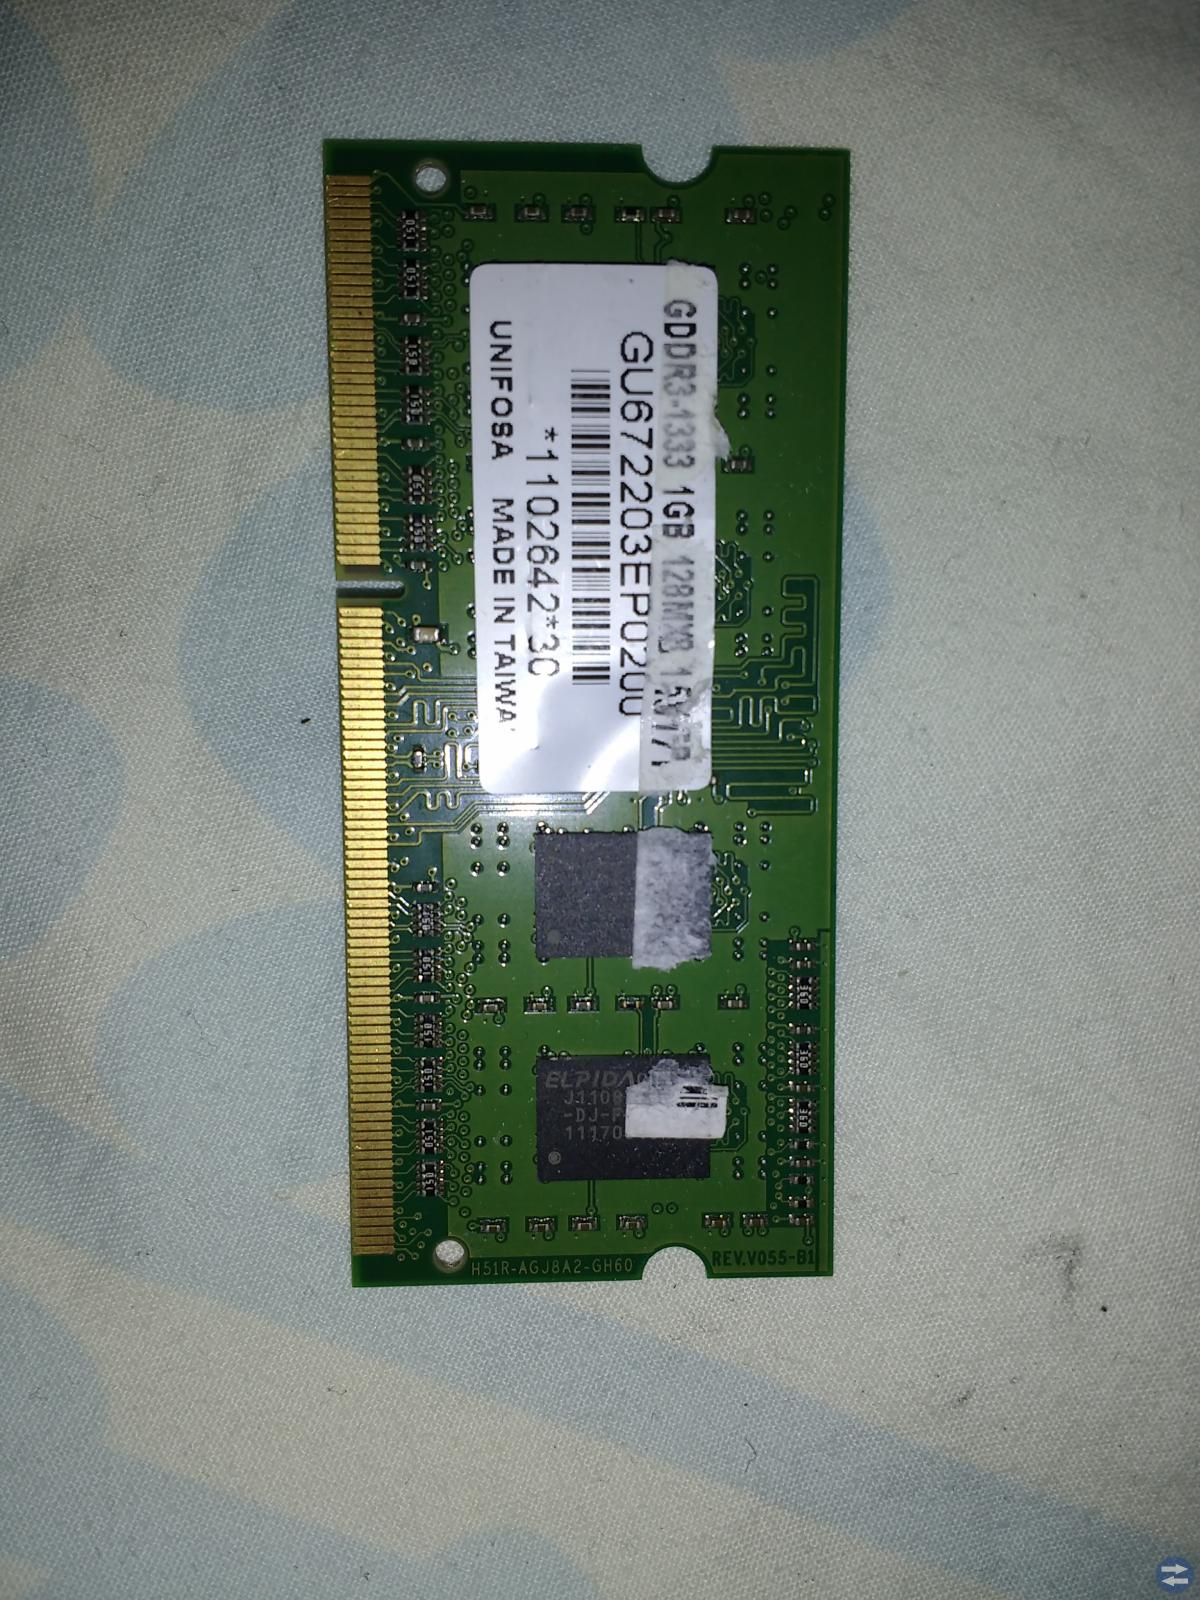 Ram minne 1st-4GB. 3st-2GB